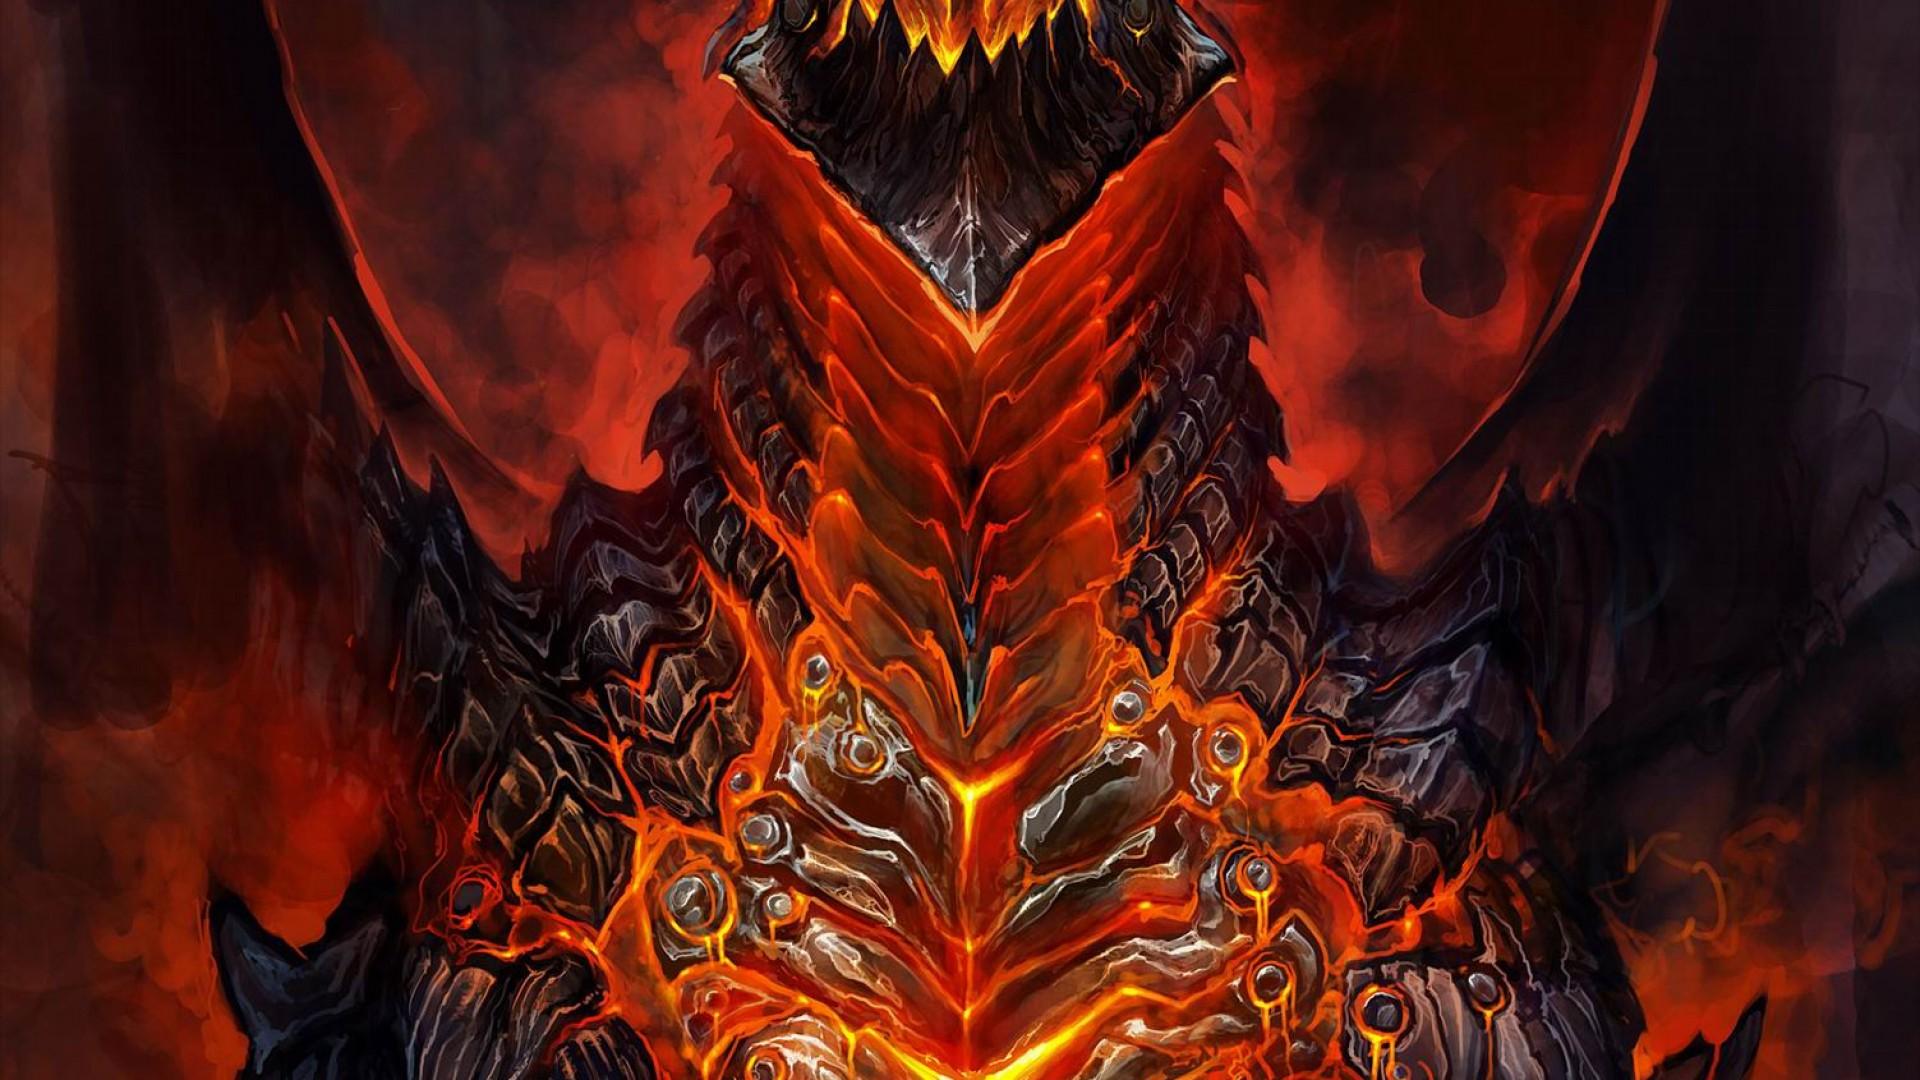 world of warcraft cataclysm wallpaper 1920x1080